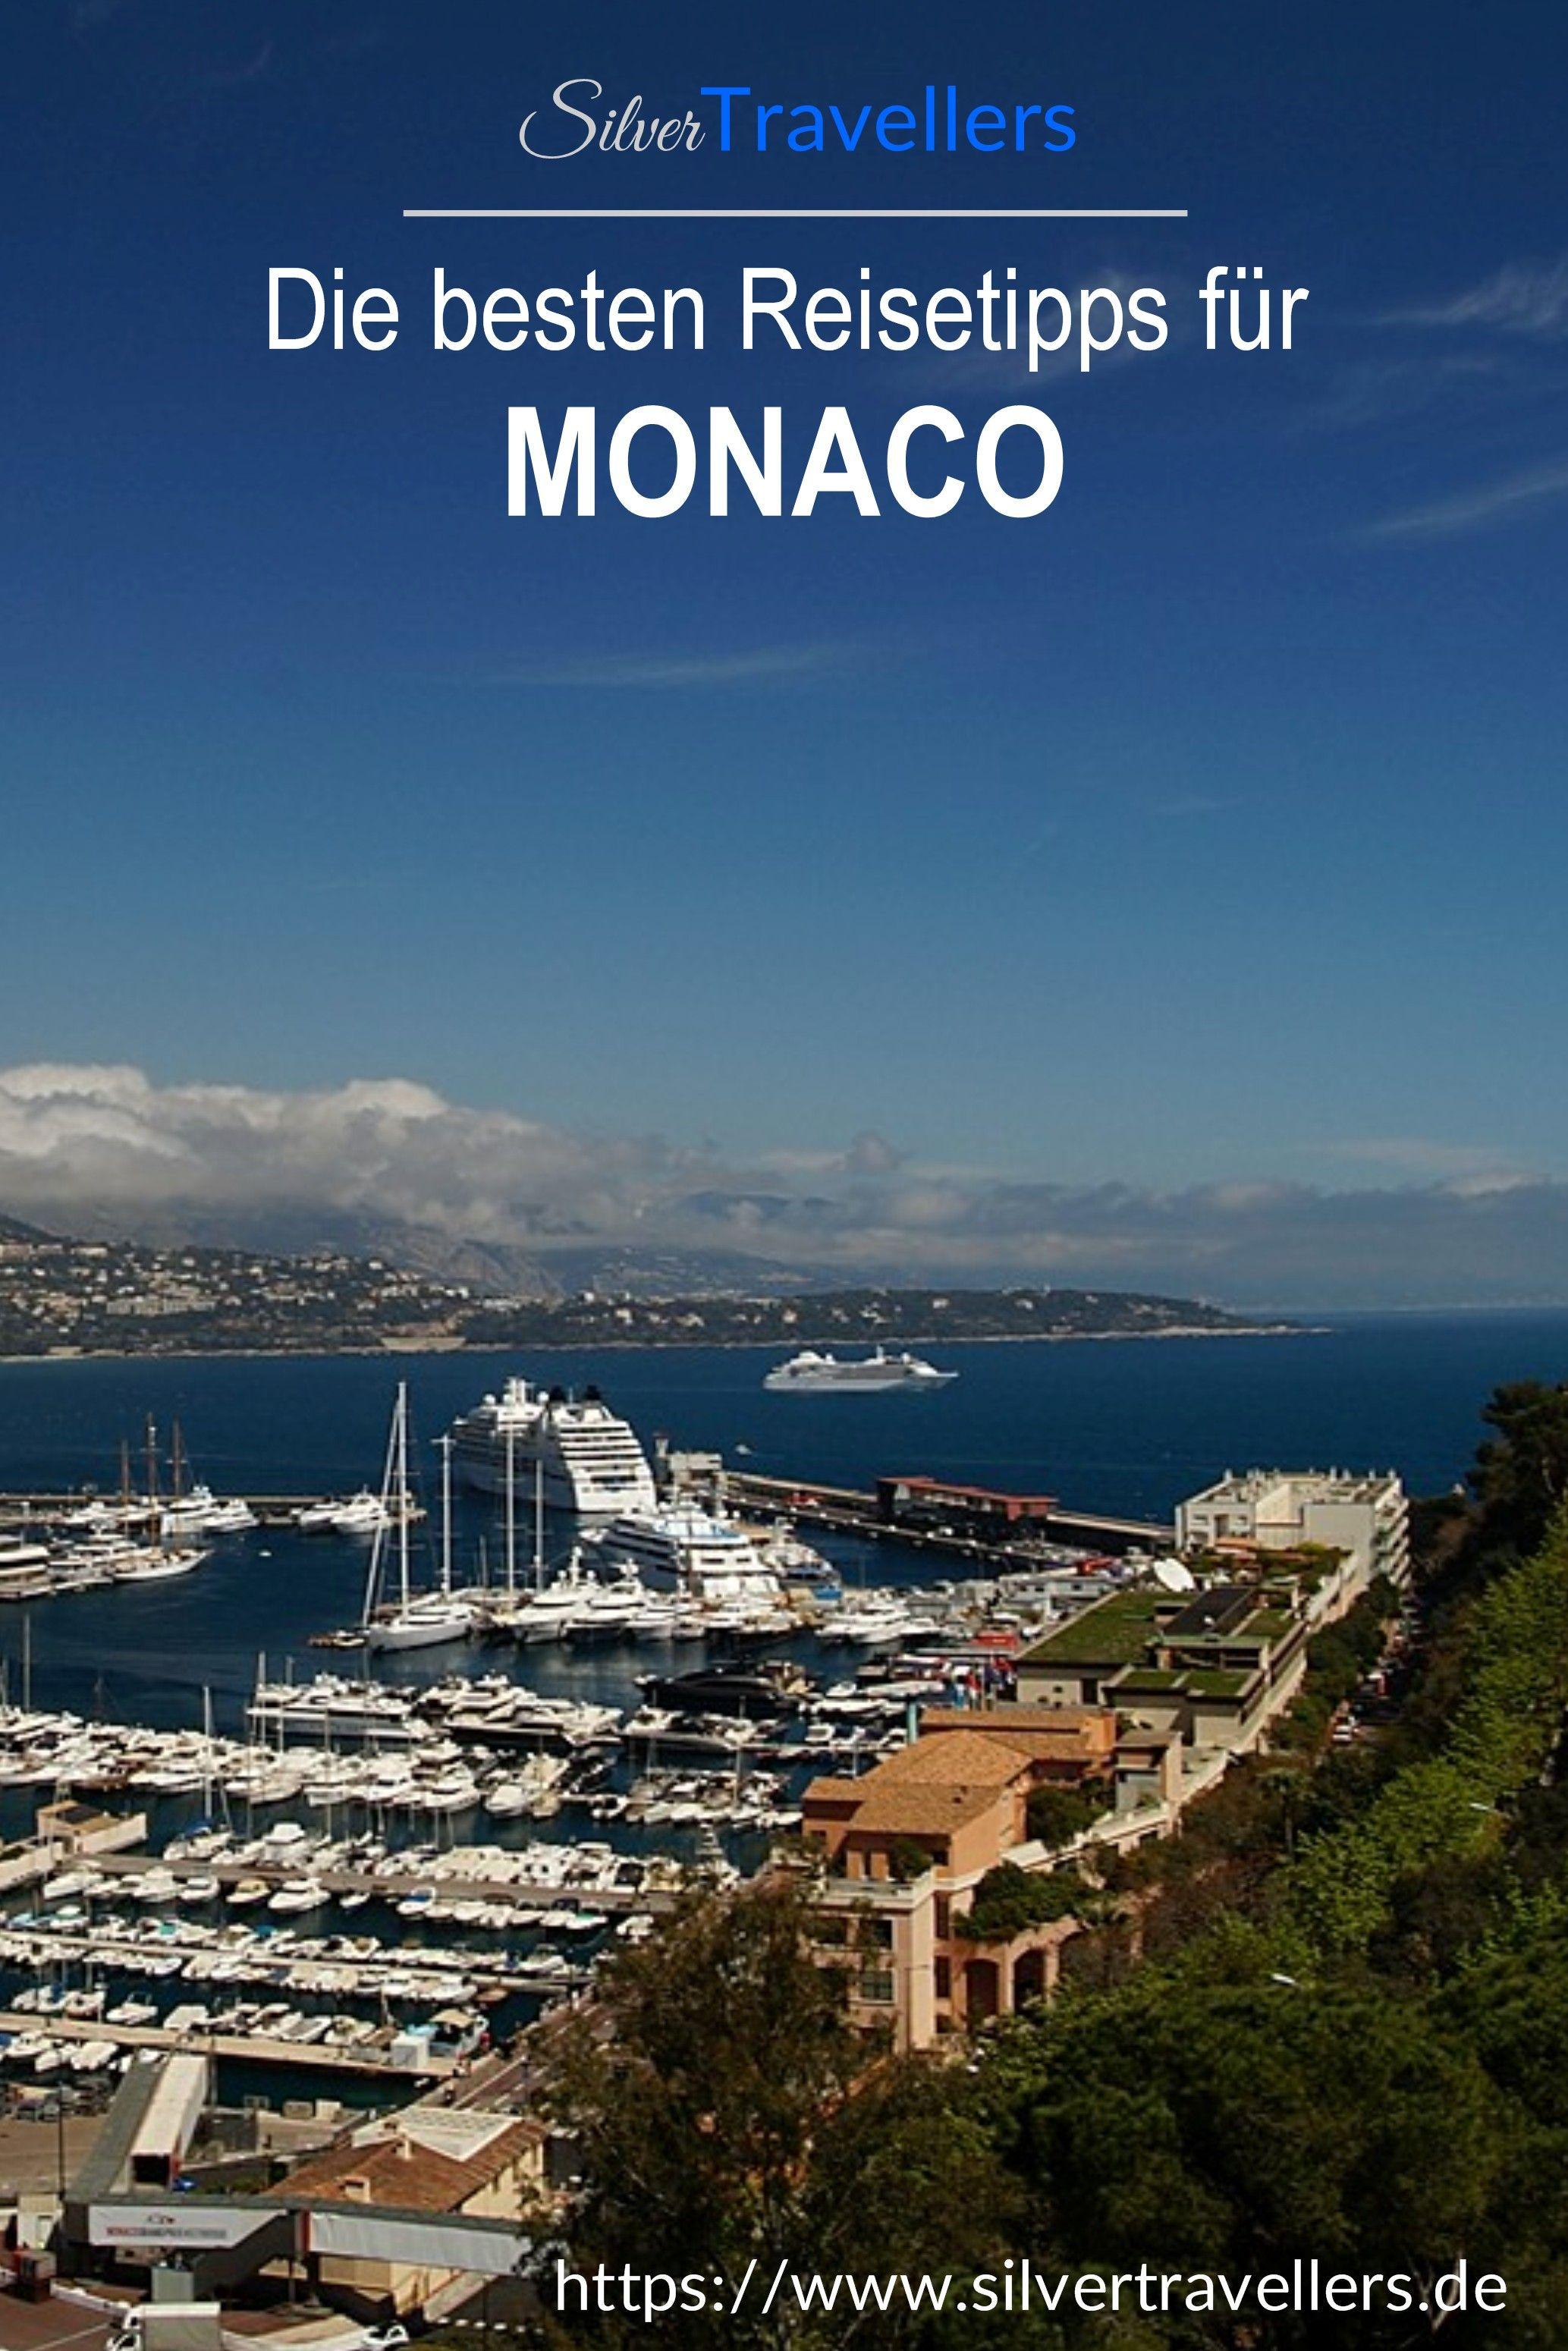 Bild Von Jc Mantooth Auf Monaco Principality Of Monaco Reisen Reisetipps Reise Inspiration